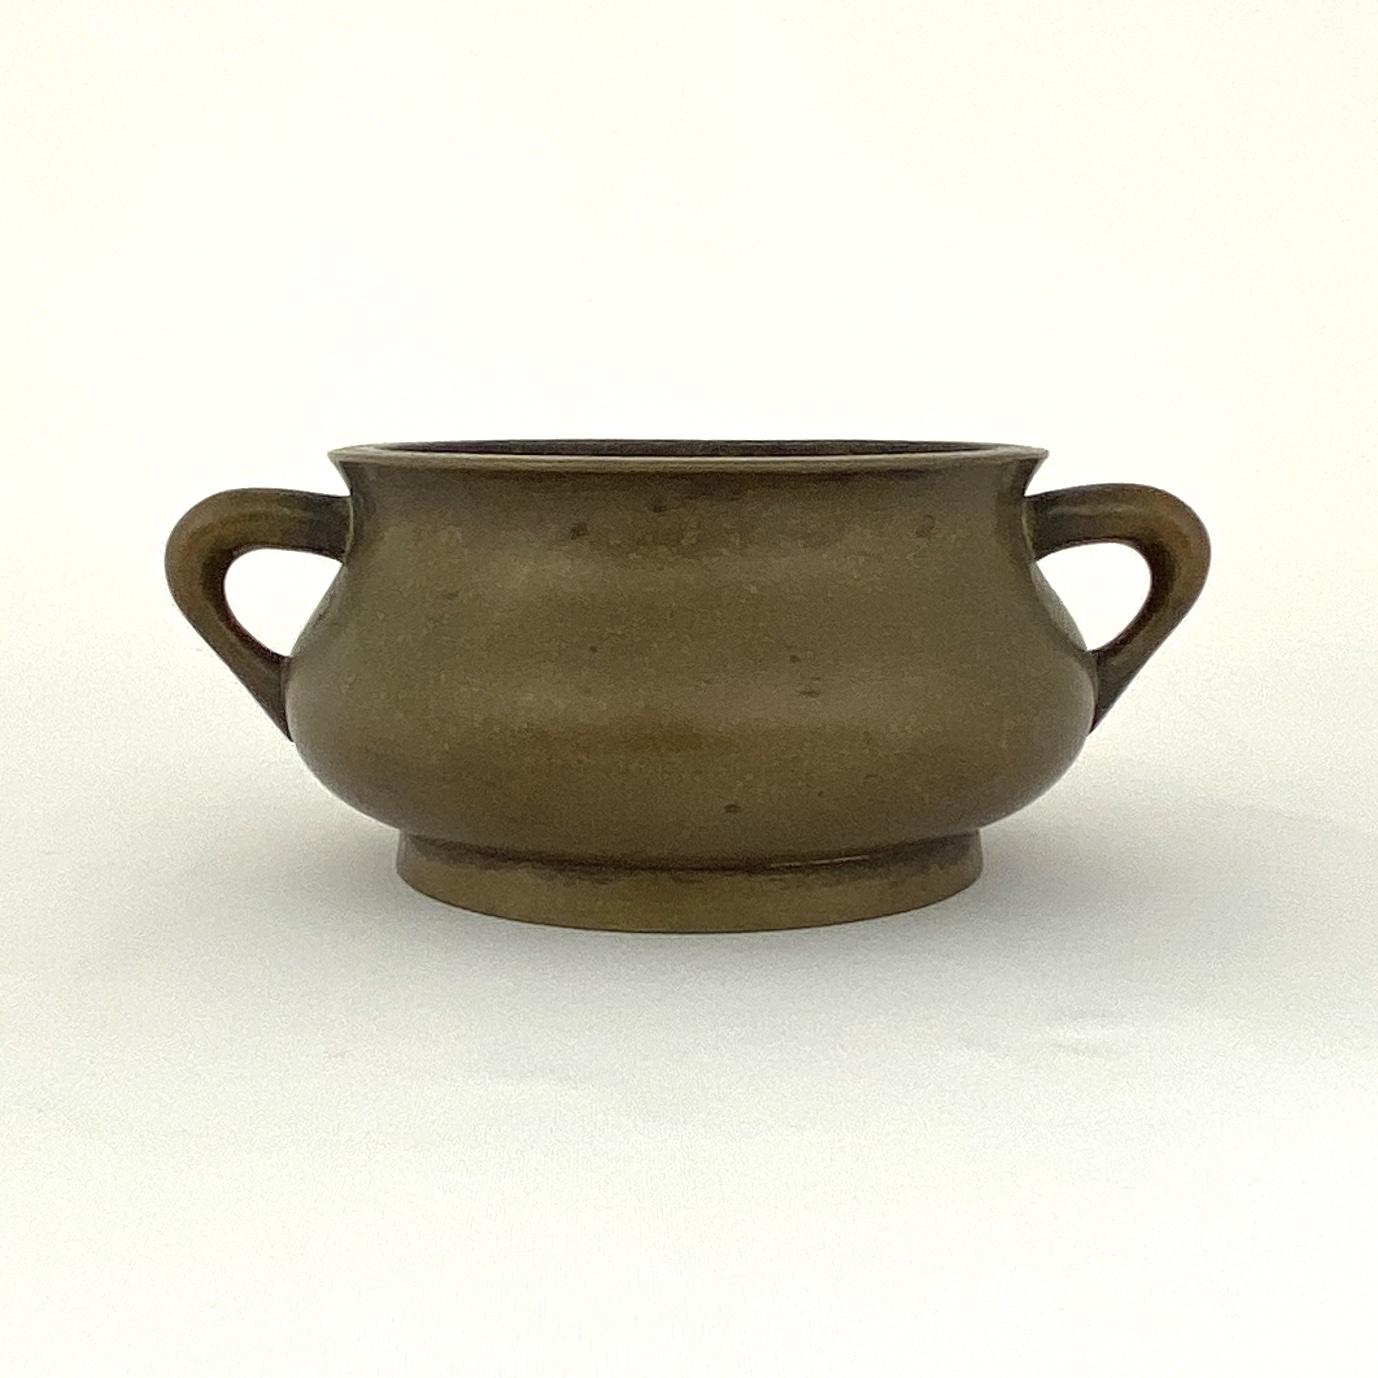 10019清早期「大明宣徳年製」款 銅 蚰耳爐